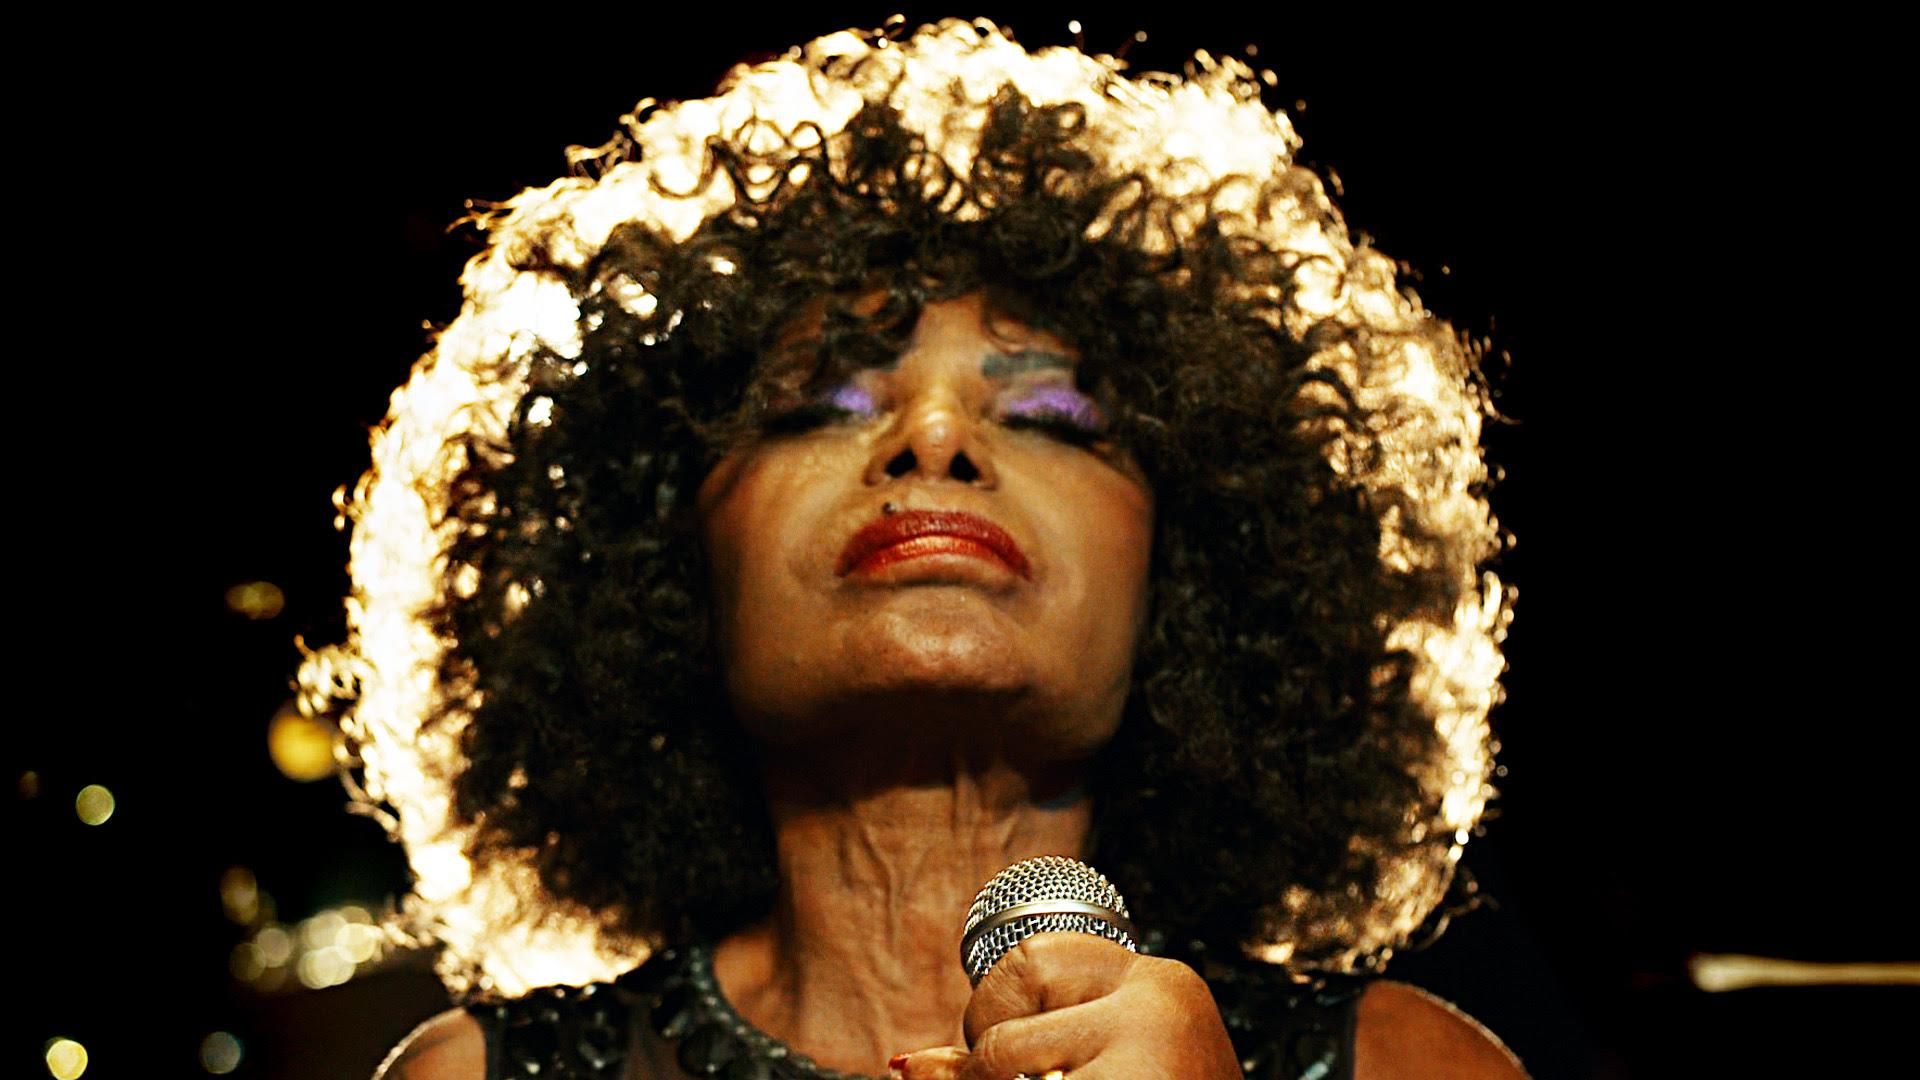 Foto de Elza Soares. A artista está ao centro da imagem, segurando um microfone de olhos fechados e atrás dela existe um fundo preto, usando uma maquiagem roxa nos olhos e batom vermelho.